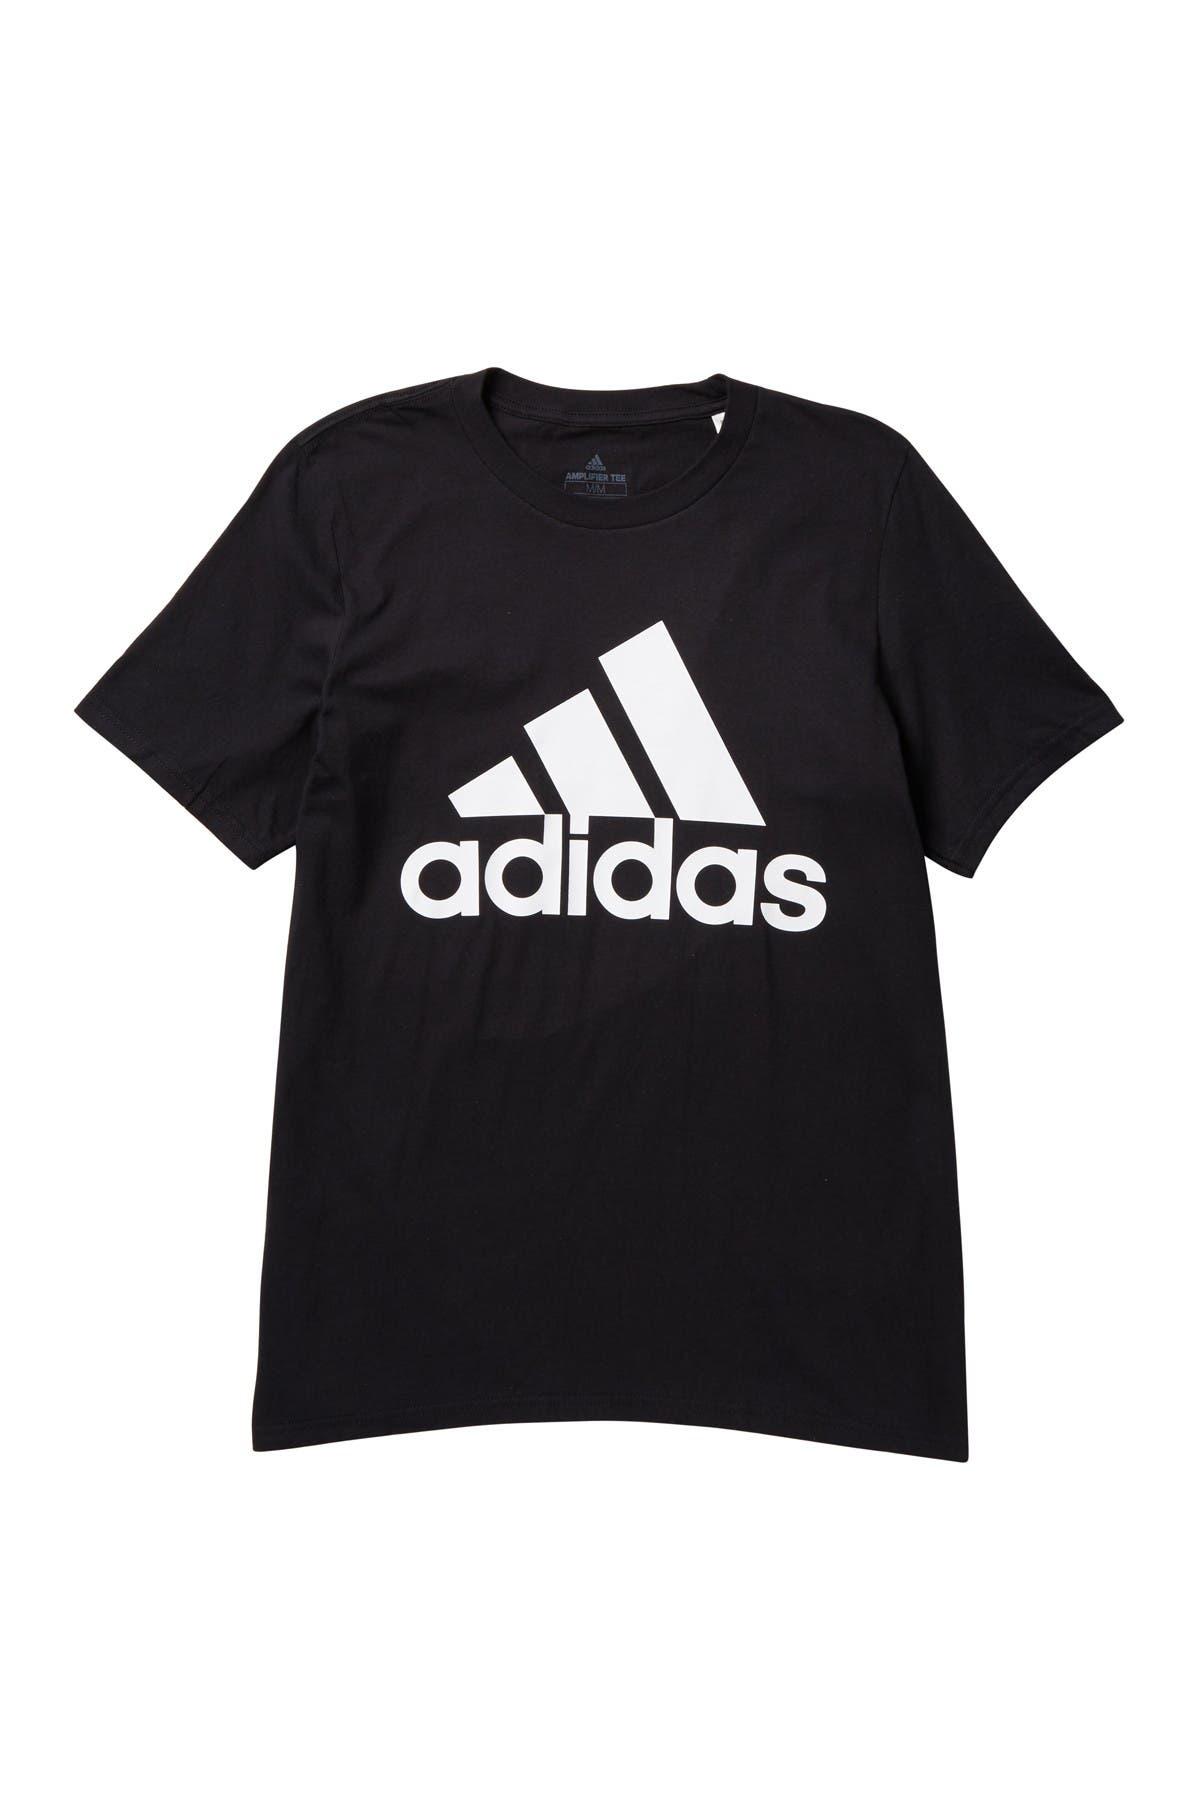 Image of adidas Basic Logo T-Shirt